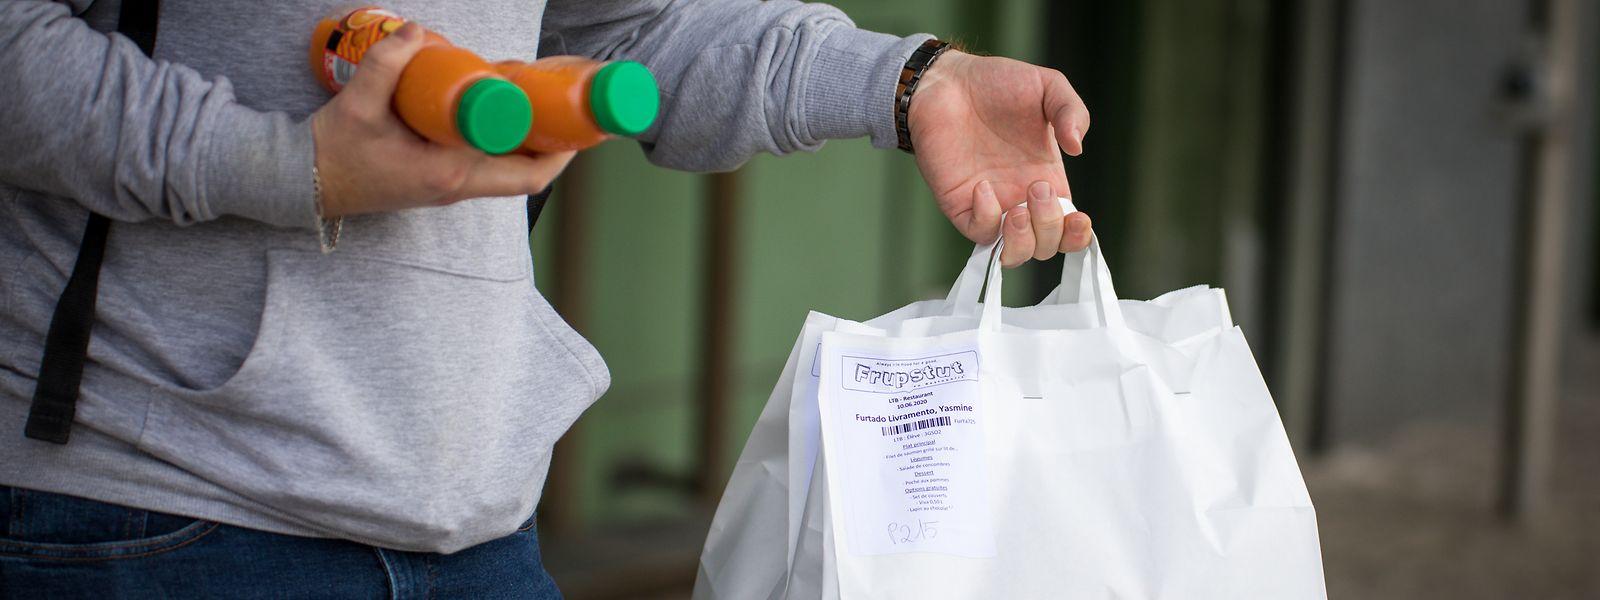 Die Restopolis-Frupstuten ersetzen in der Krisenzeit die Cafeterien und Schulkantinen. Das Essen wird den Schülern in Papiertüten direkt vor die Klasse geliefert.